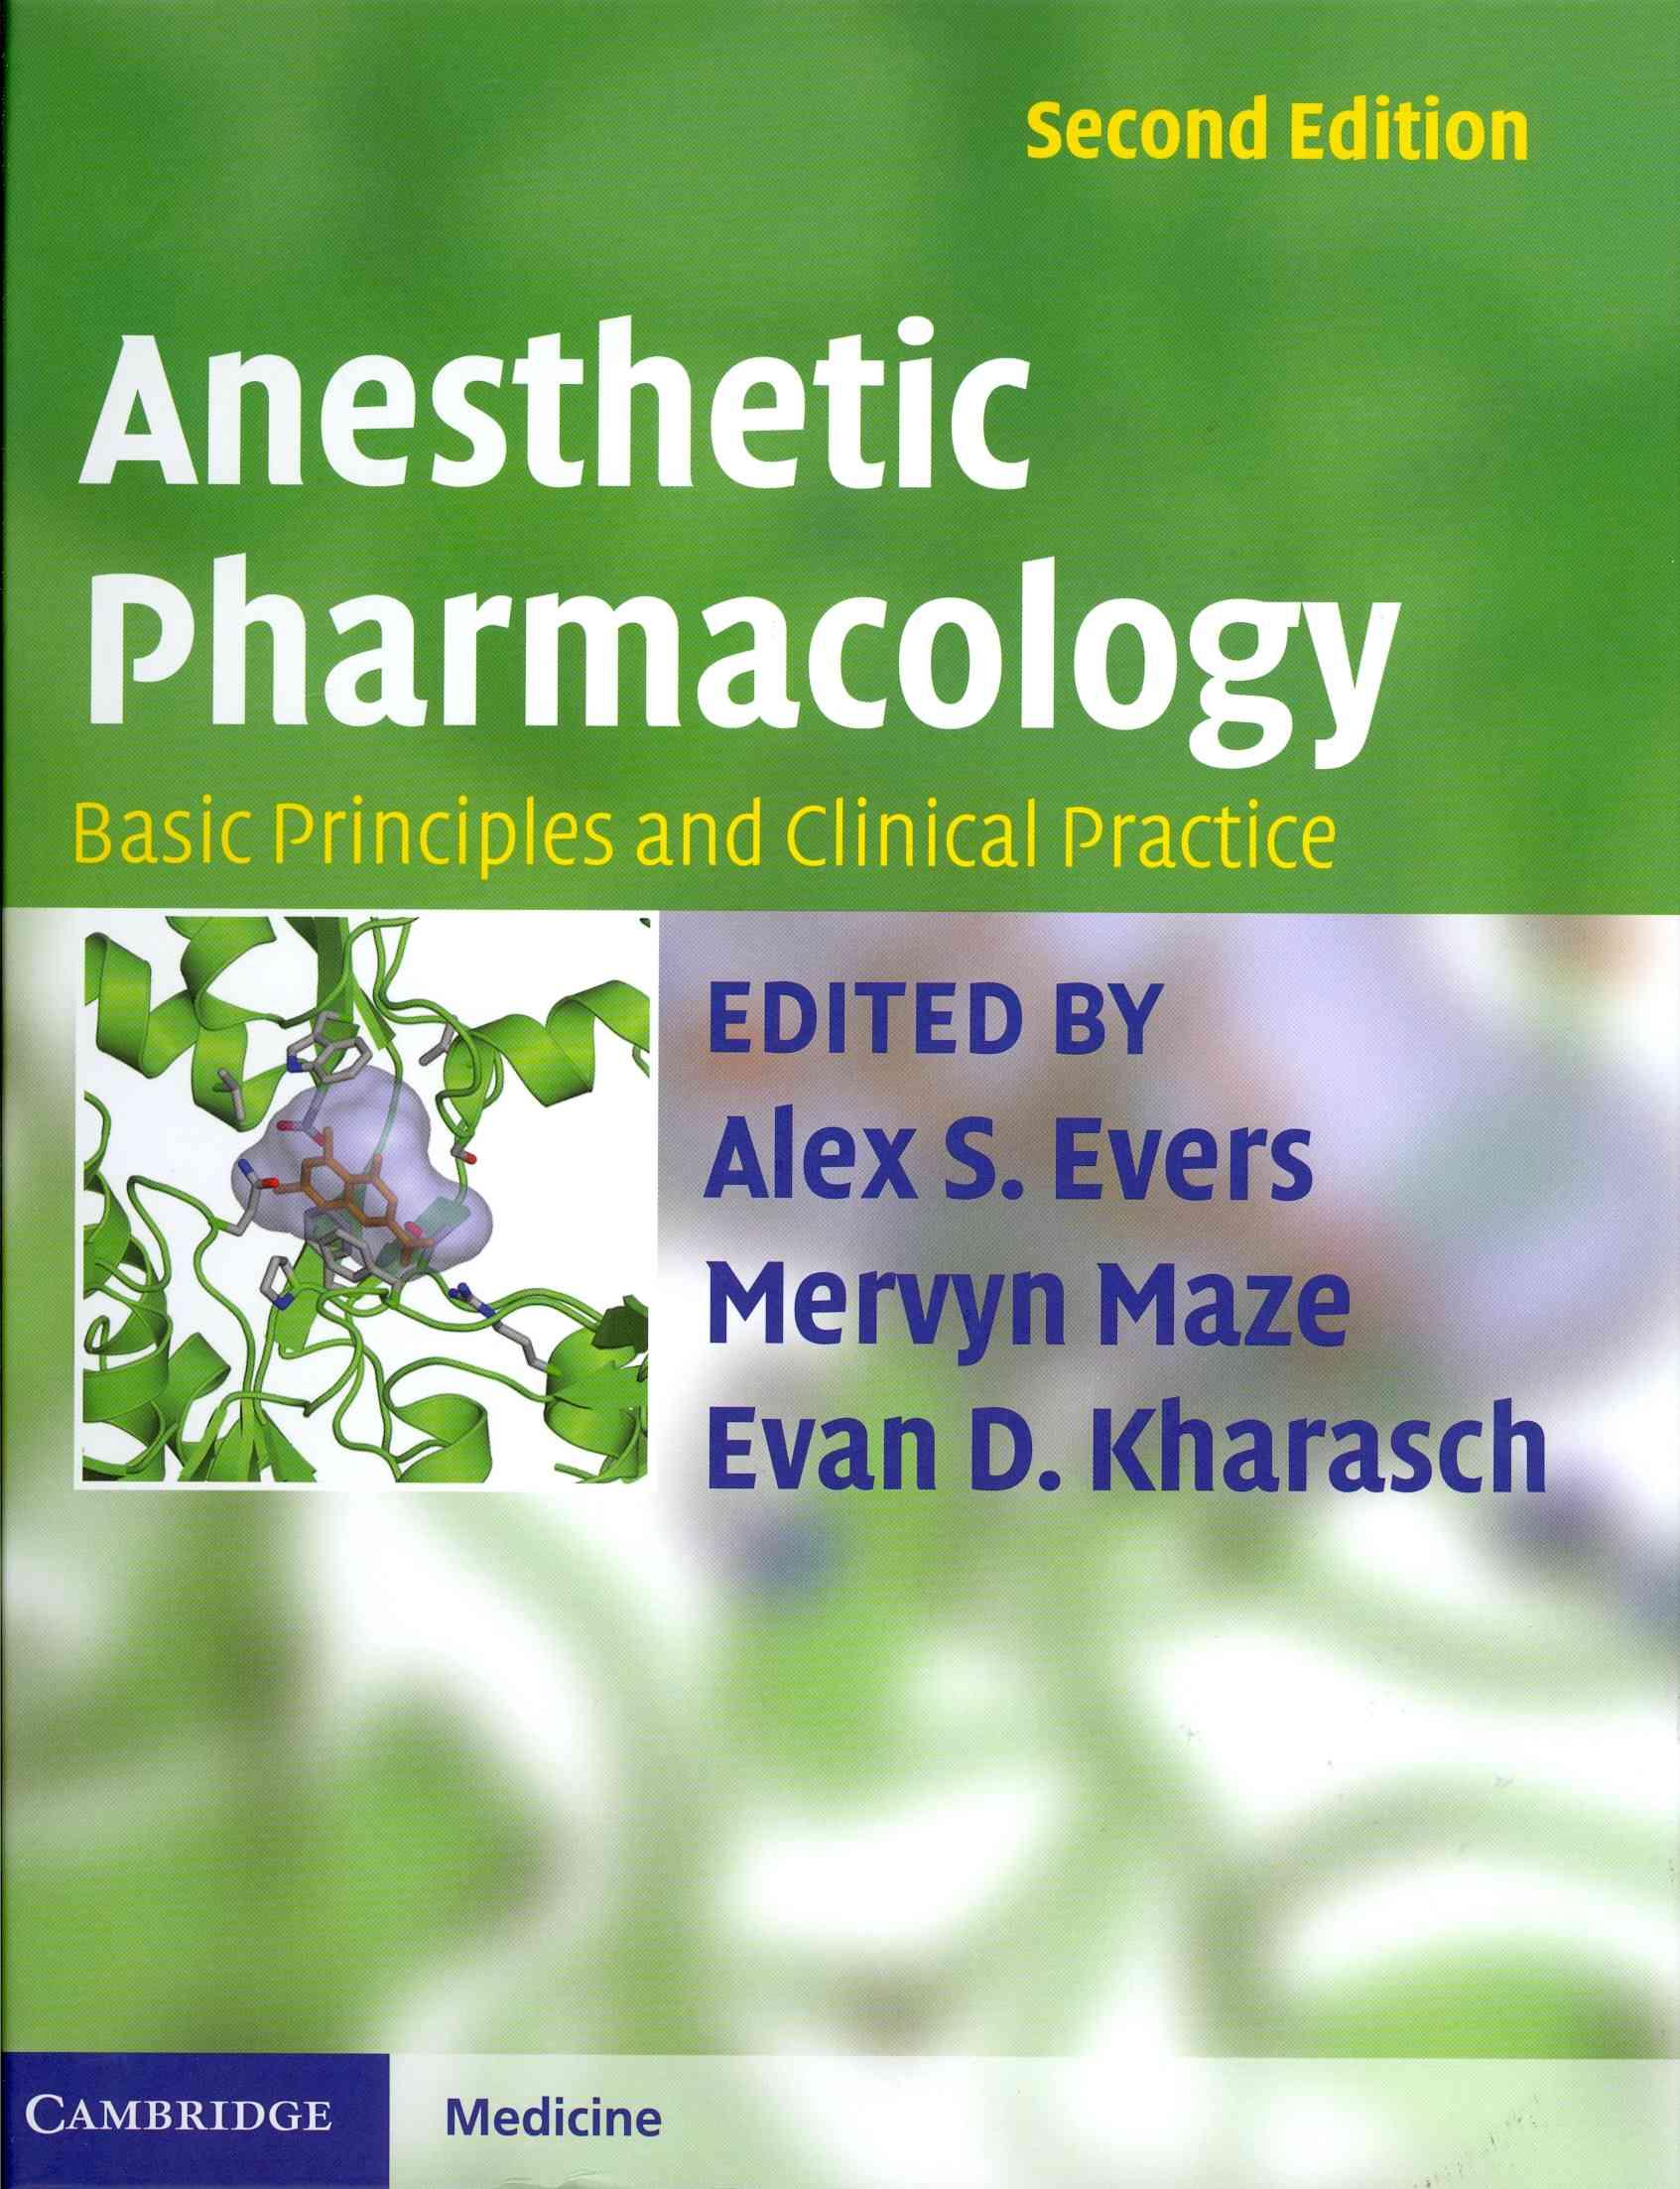 Anesthetic Pharmacology By Evers, Alex S. (EDT)/ Maze, Mervyn (EDT)/ Kharasch, Evan (EDT)